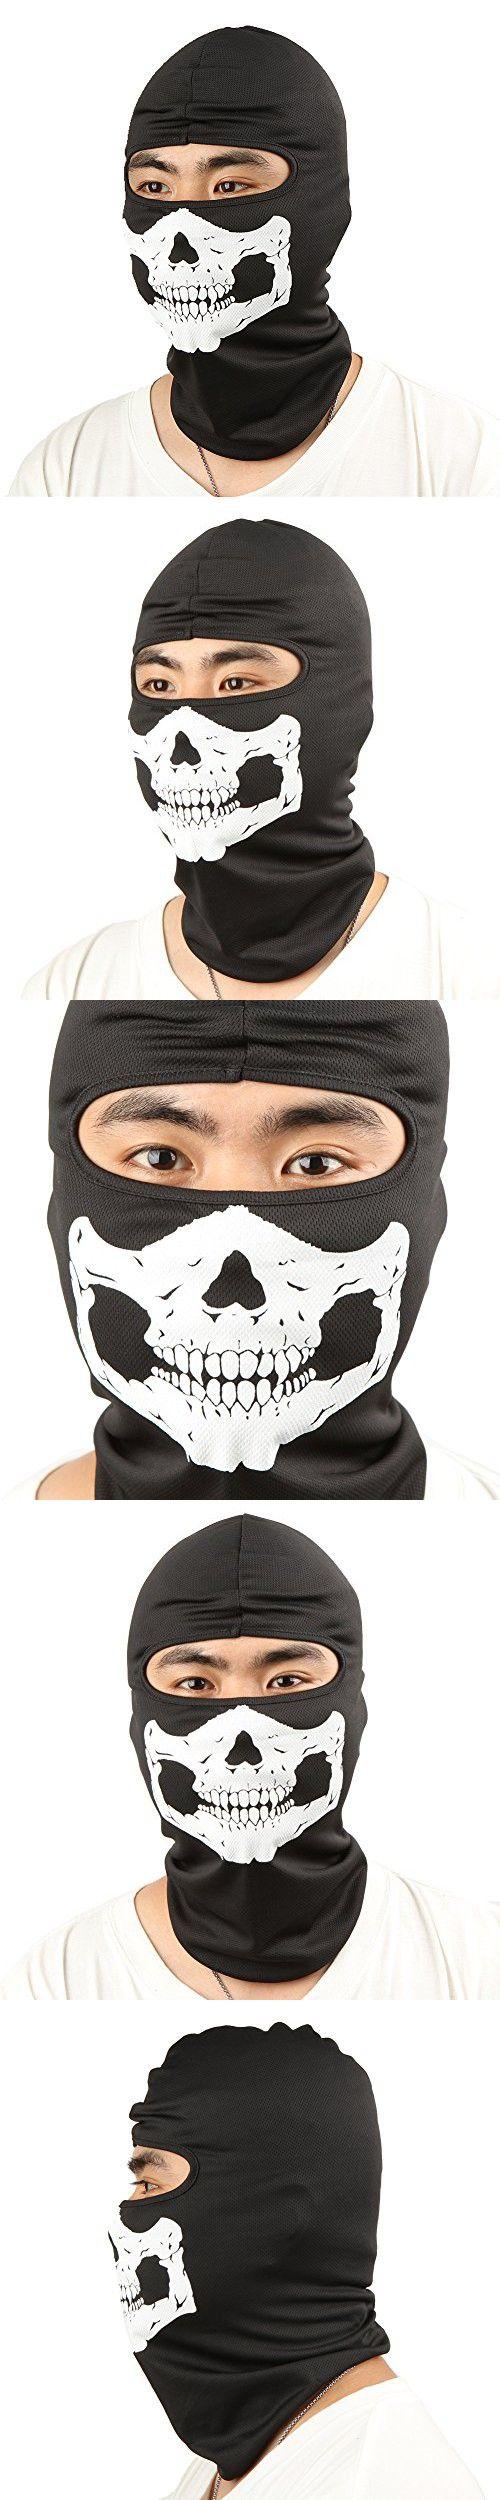 Best 25+ Ghost face mask ideas on Pinterest   Skull mask, Kitty ...